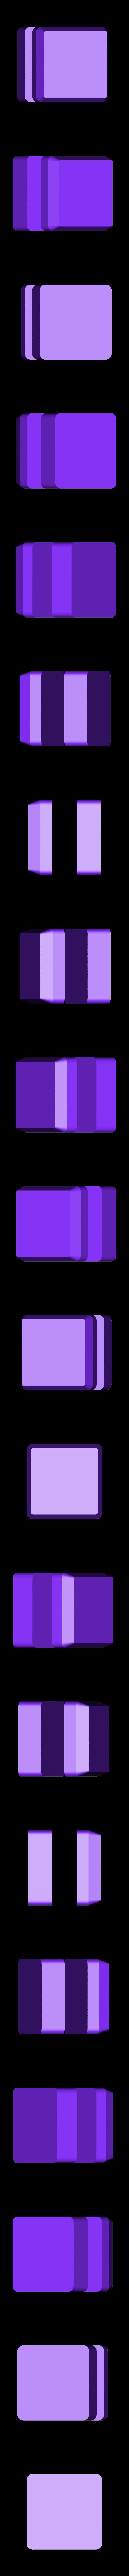 torre_extr_1.stl Télécharger fichier STL gratuit Calibrage de l'extrudeuse double • Objet à imprimer en 3D, saginau